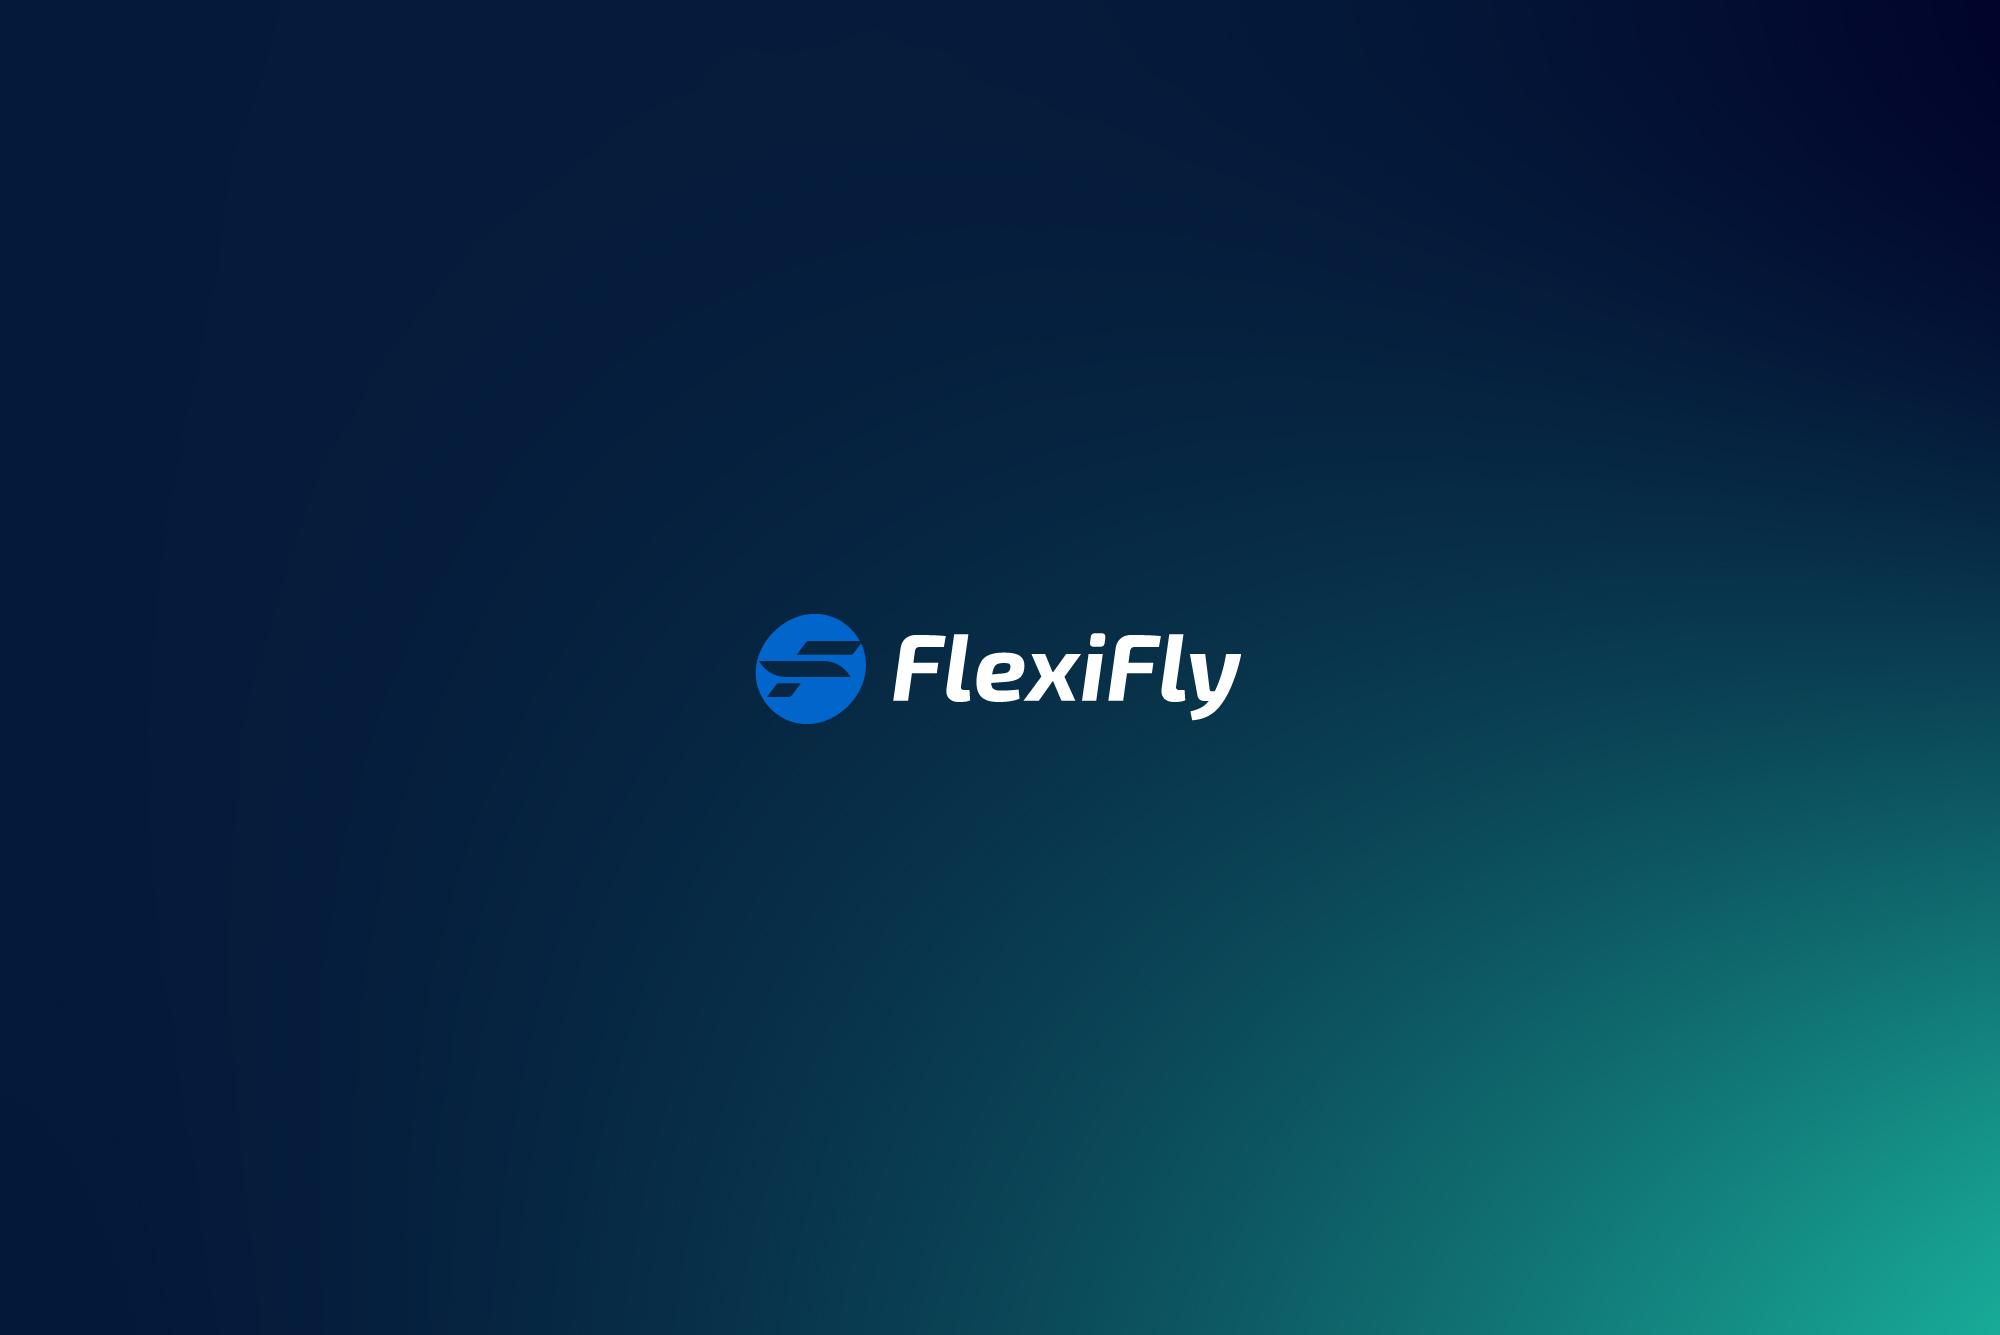 FlexiFly branding